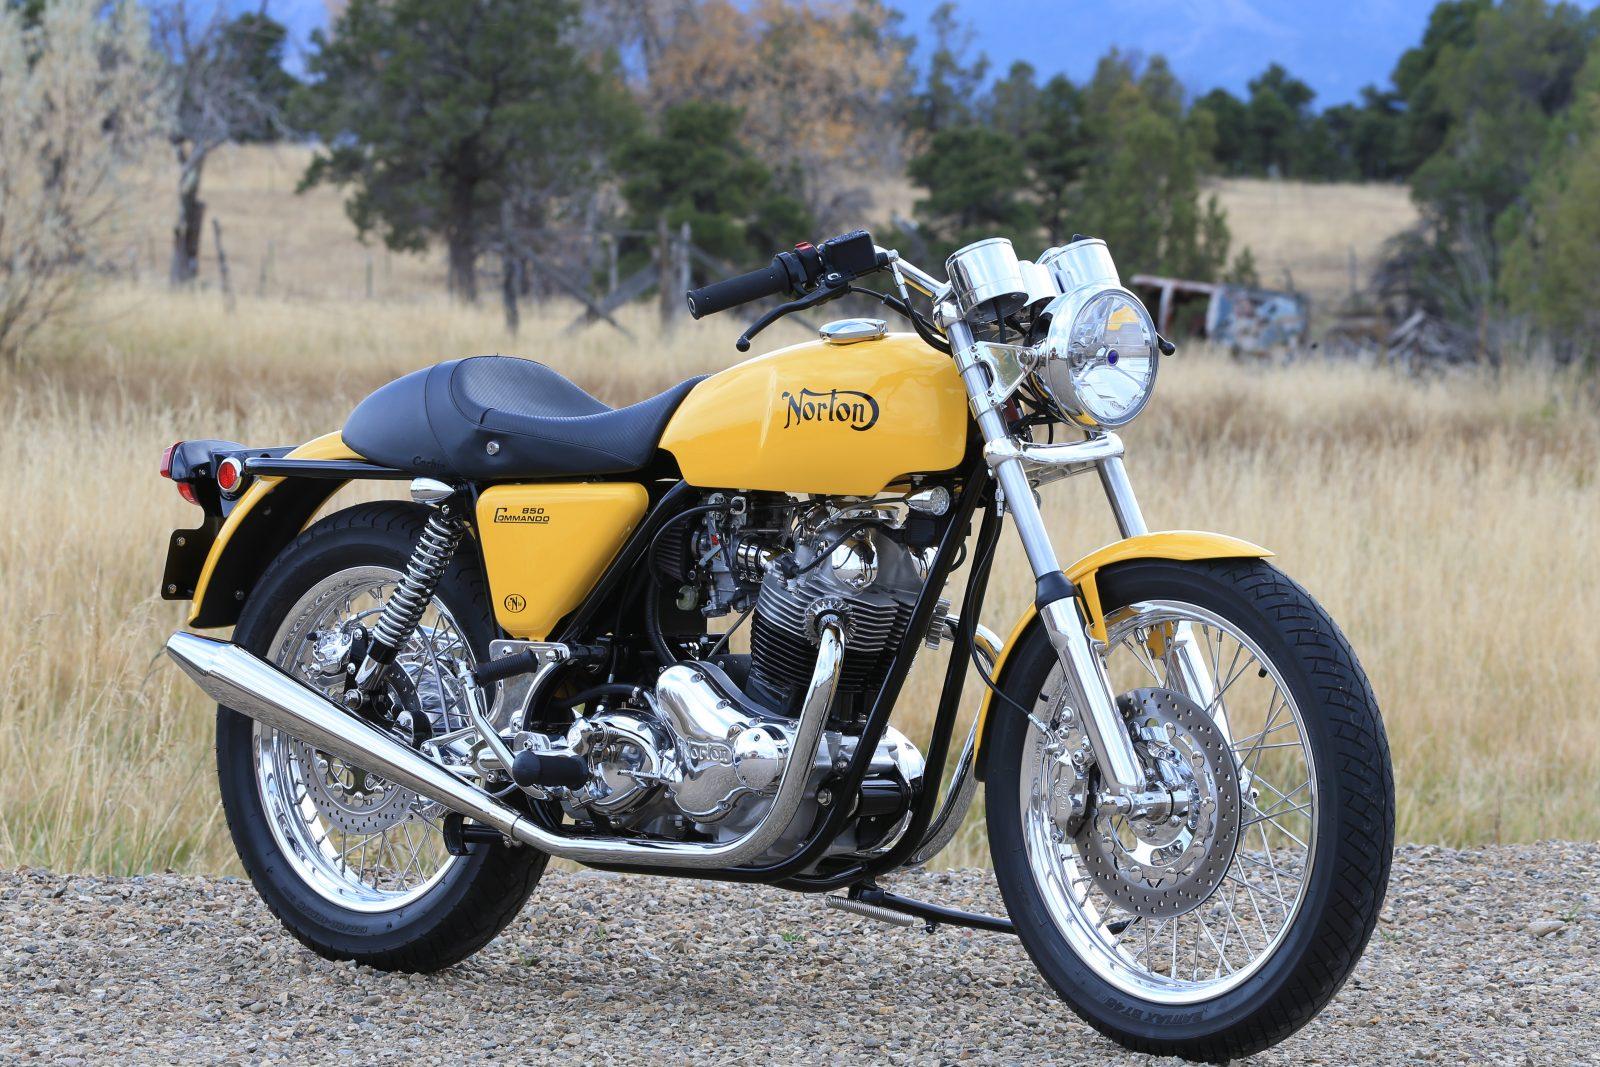 Colorado Norton Works Commando 6 1600x1067 - Colorado Norton Works 1975 Commando